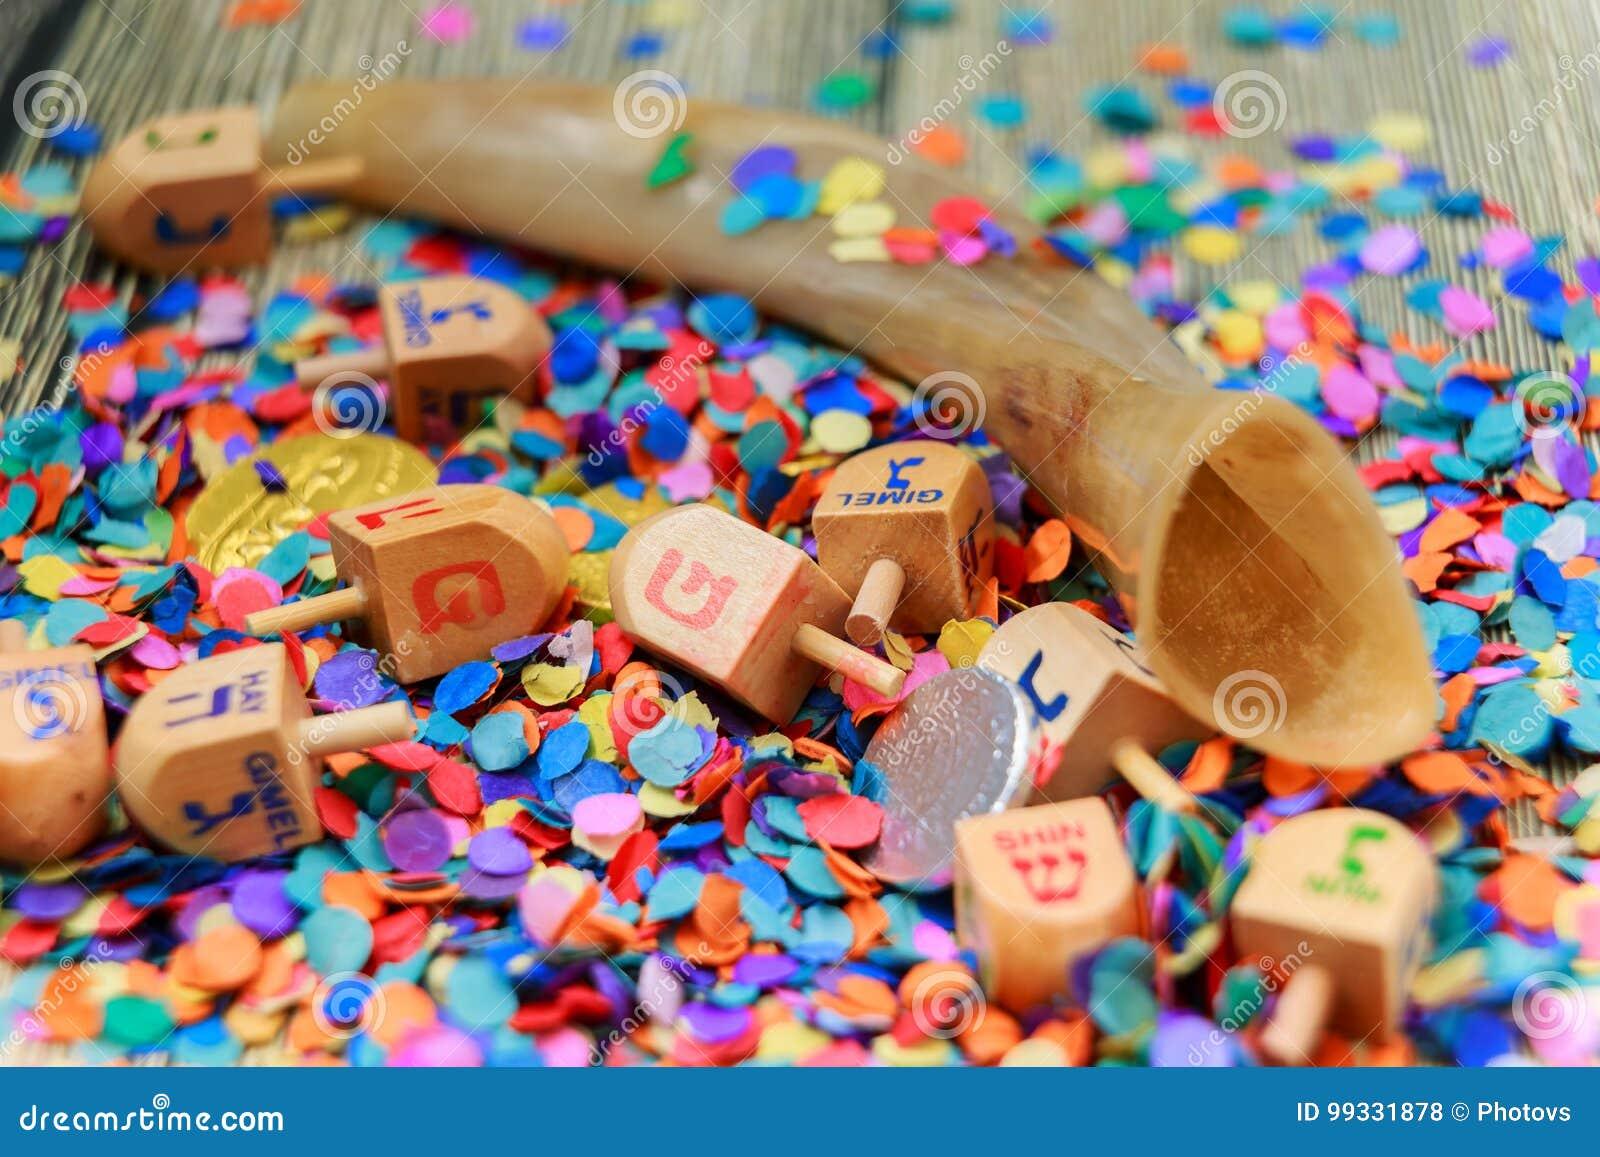 Sluit omhoog van hout dreidels en chocolademuntstukken voor Chanoekaviering Kappen na woorden